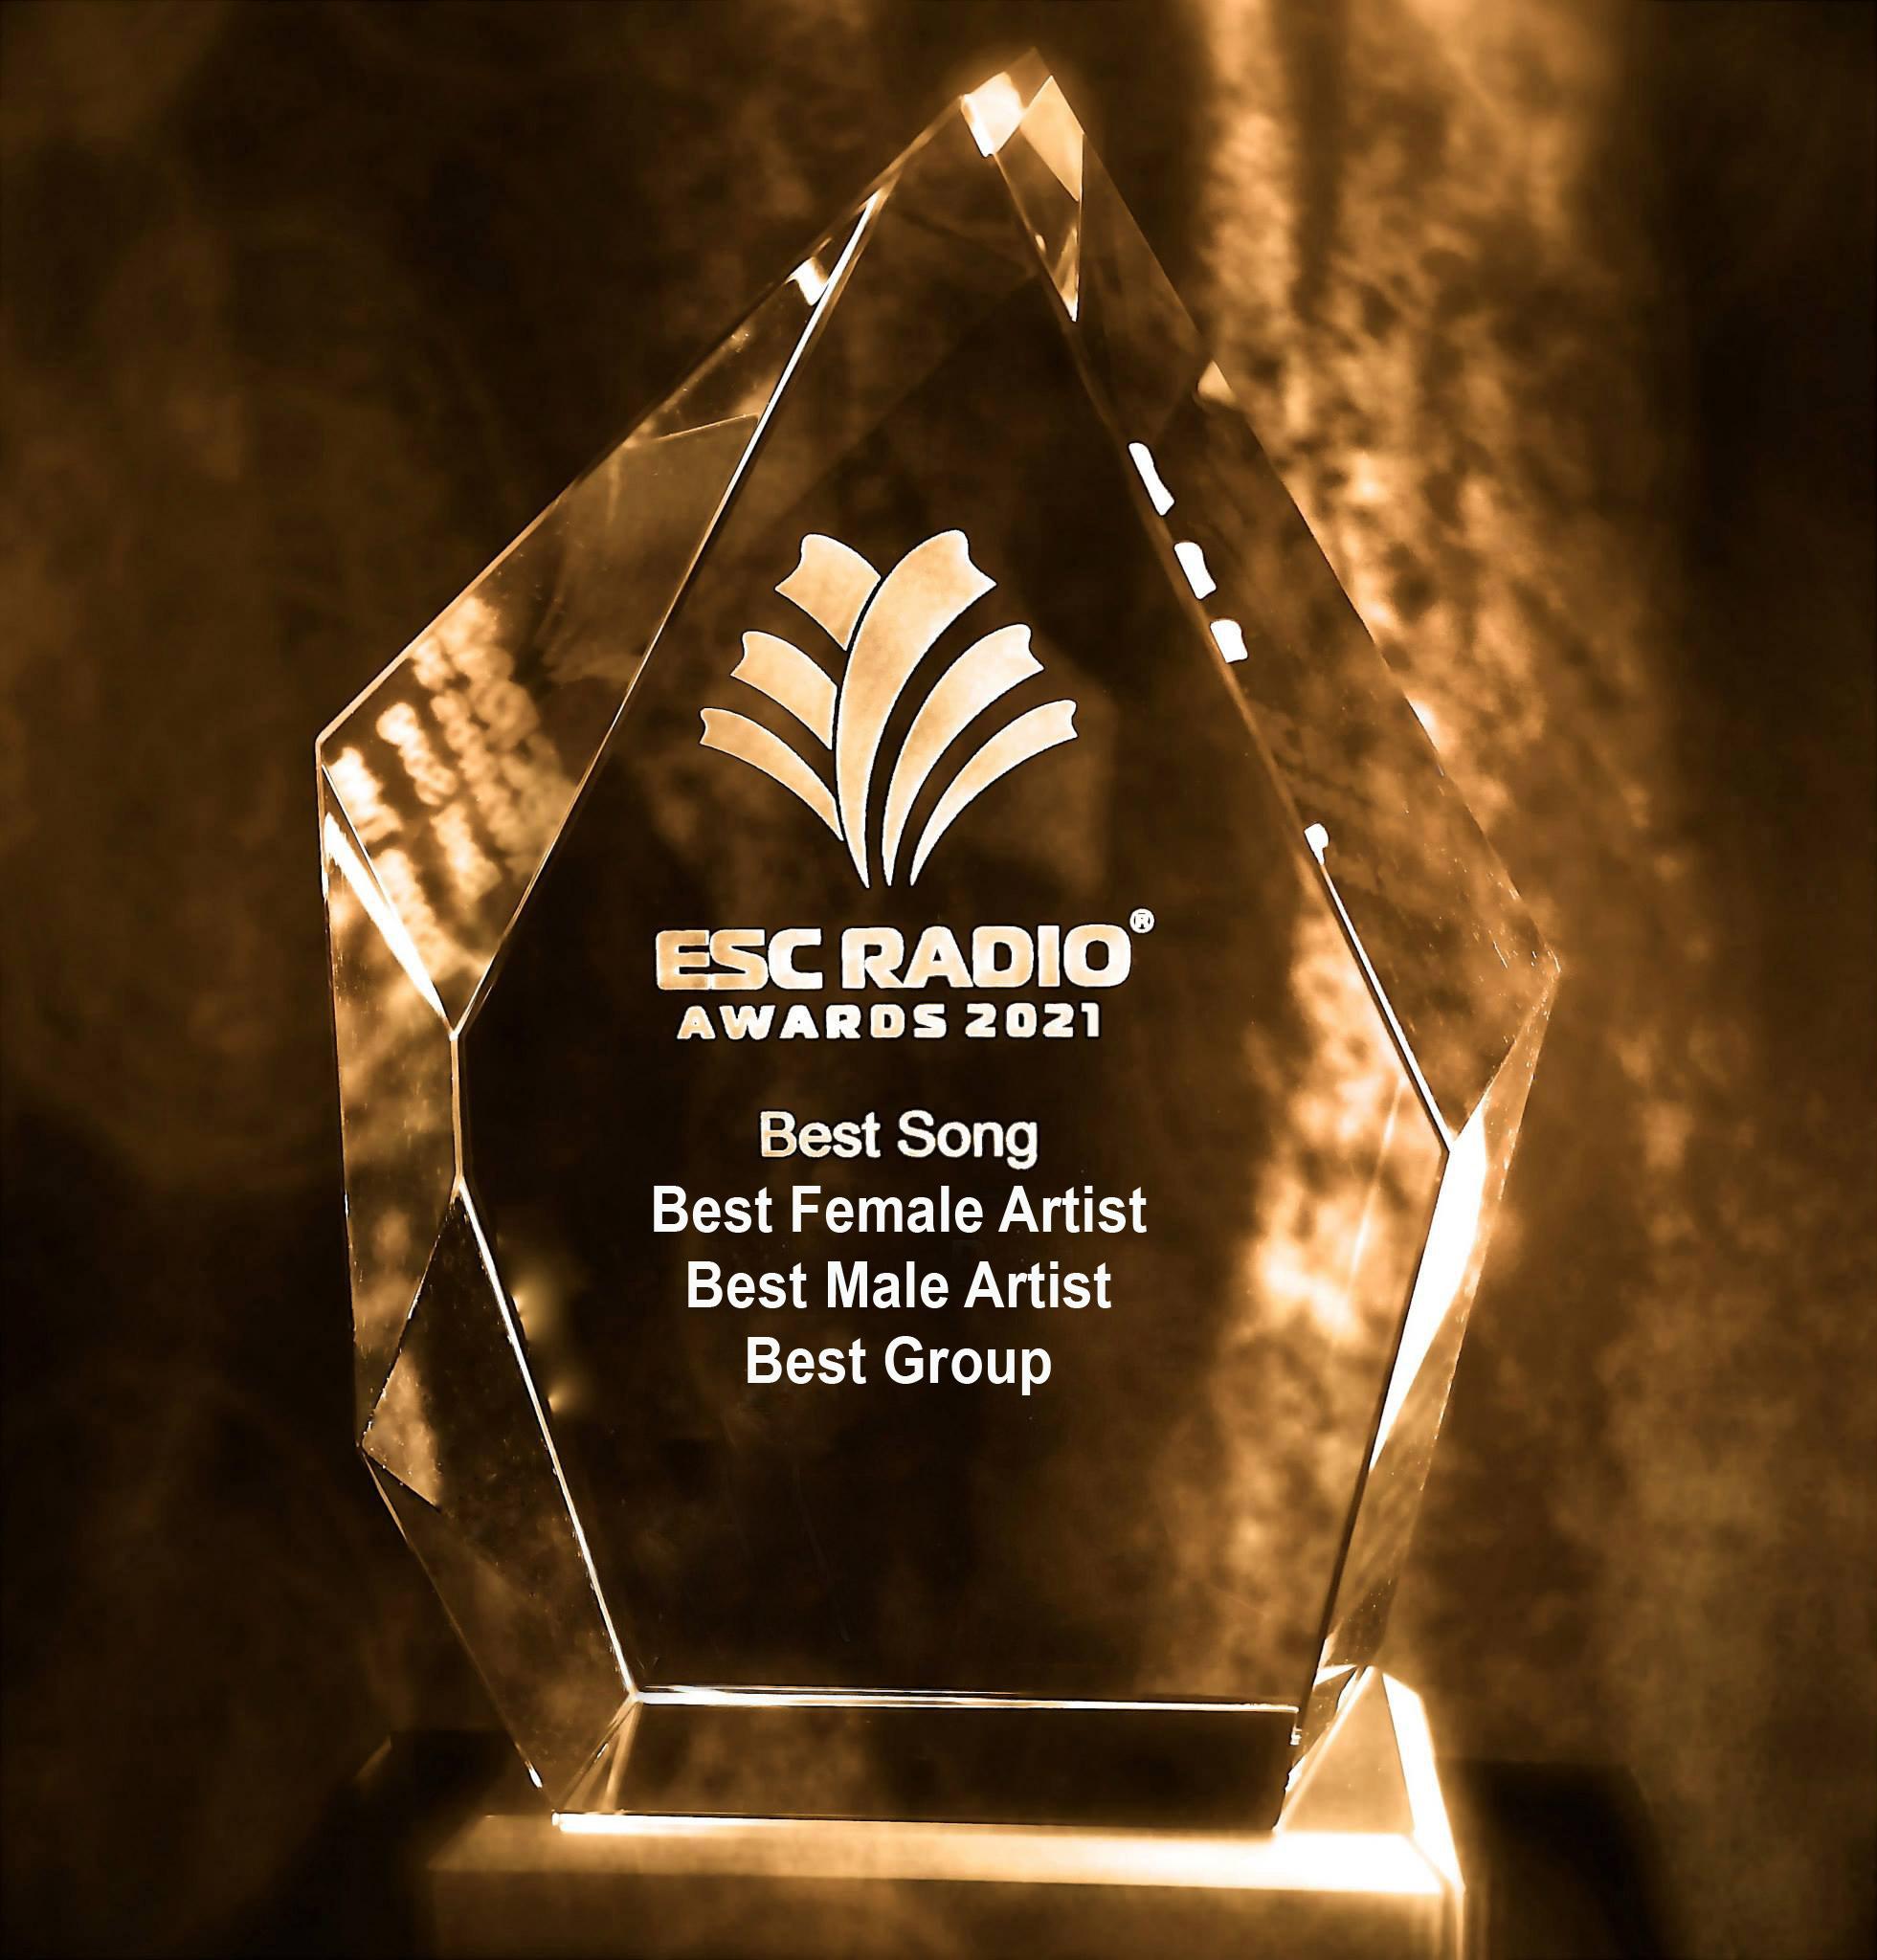 ESC Radio Awards 2021, Eurowizja 2021